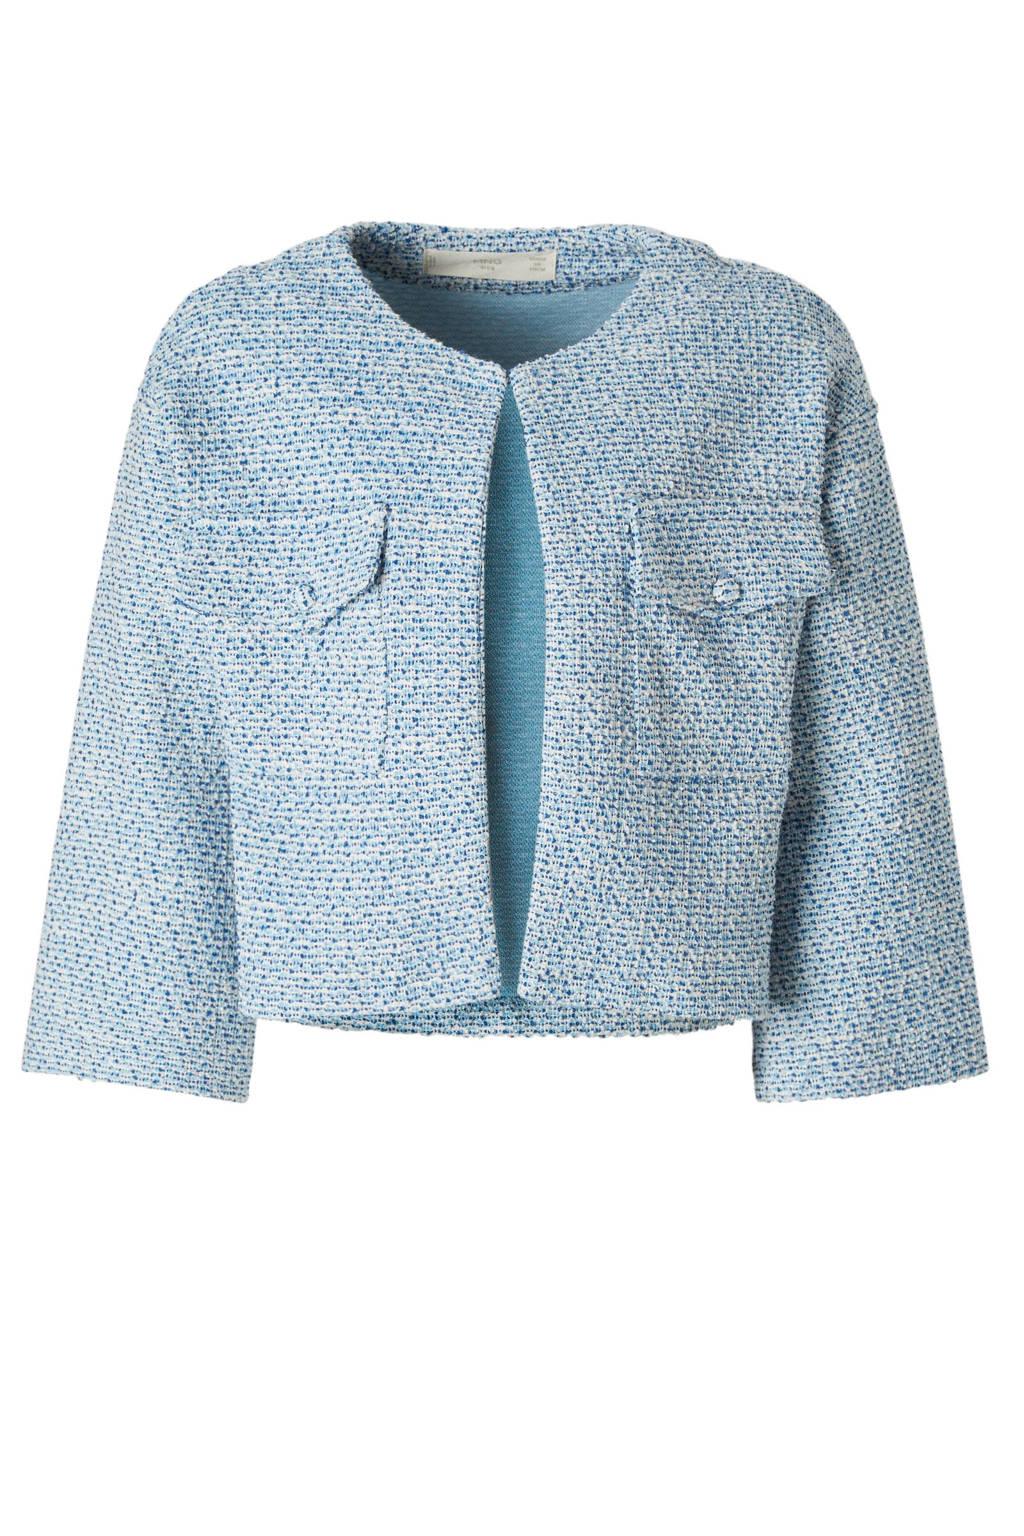 Mango Kids tweed jasje blauw, Lichtblauw